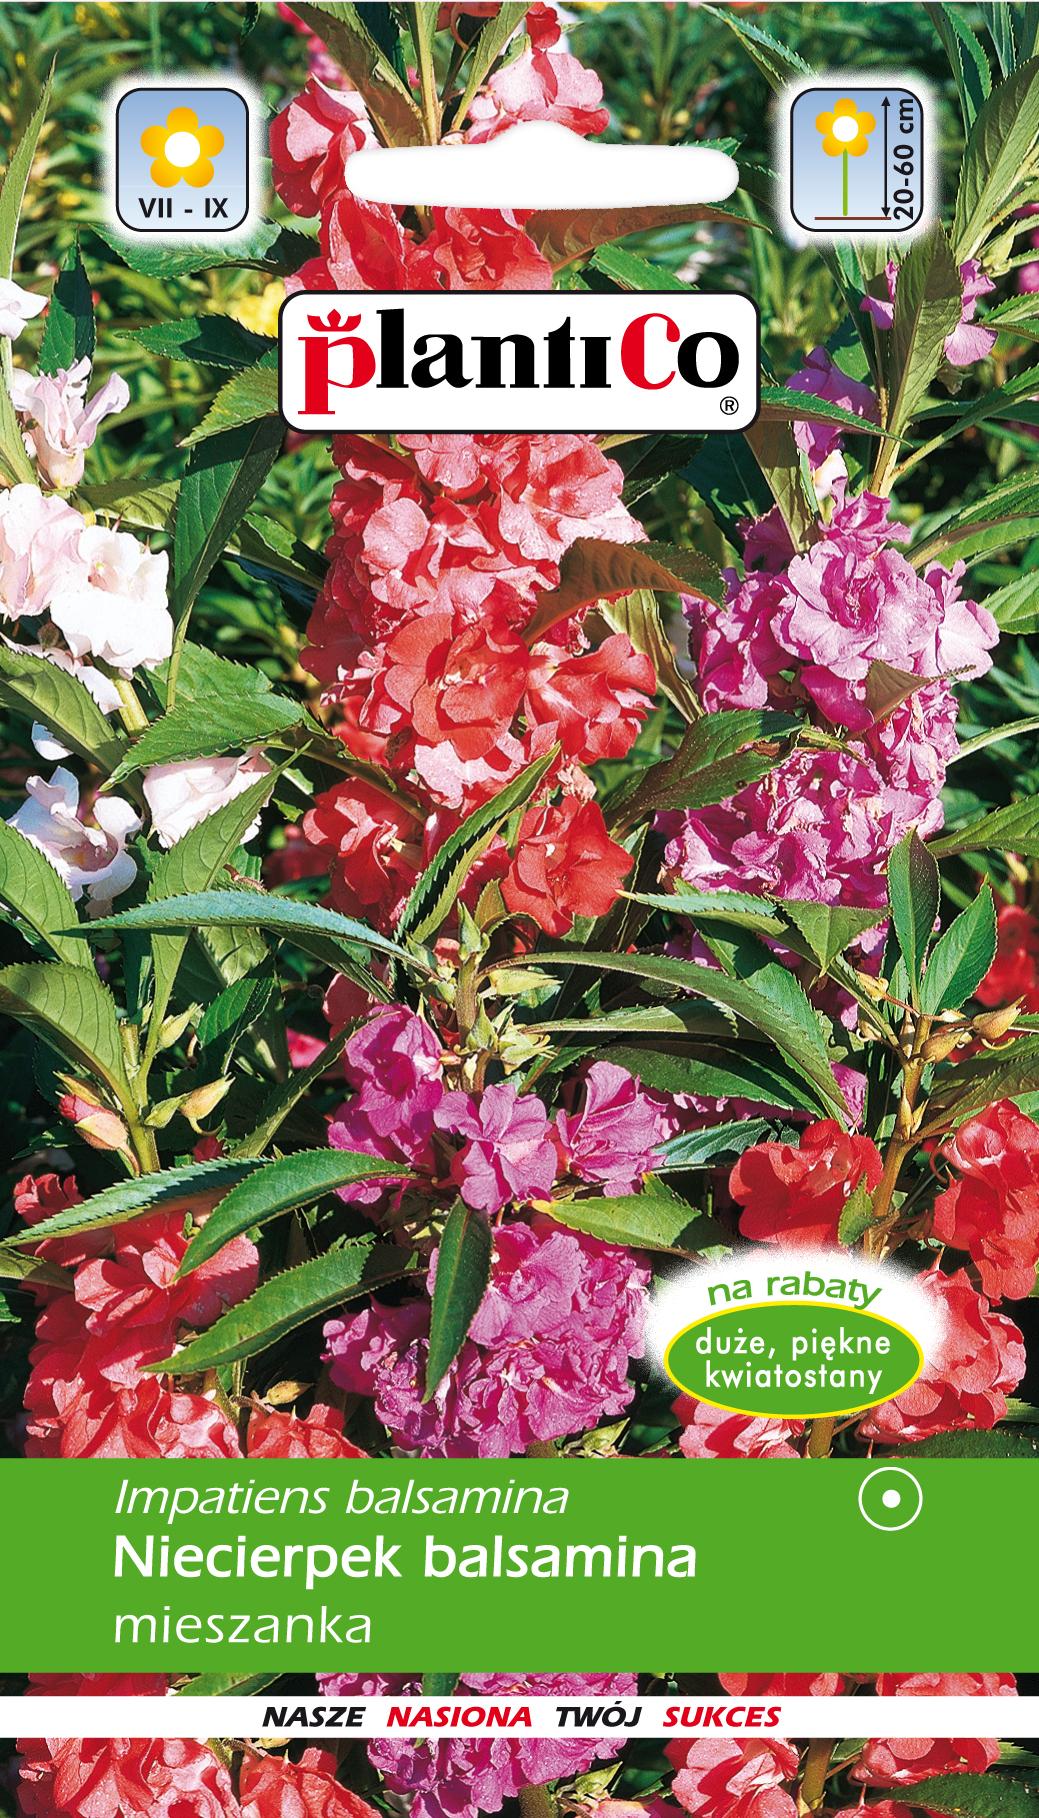 Niecierpek Balsamina Mix Plantico Sklep Firmowy Online